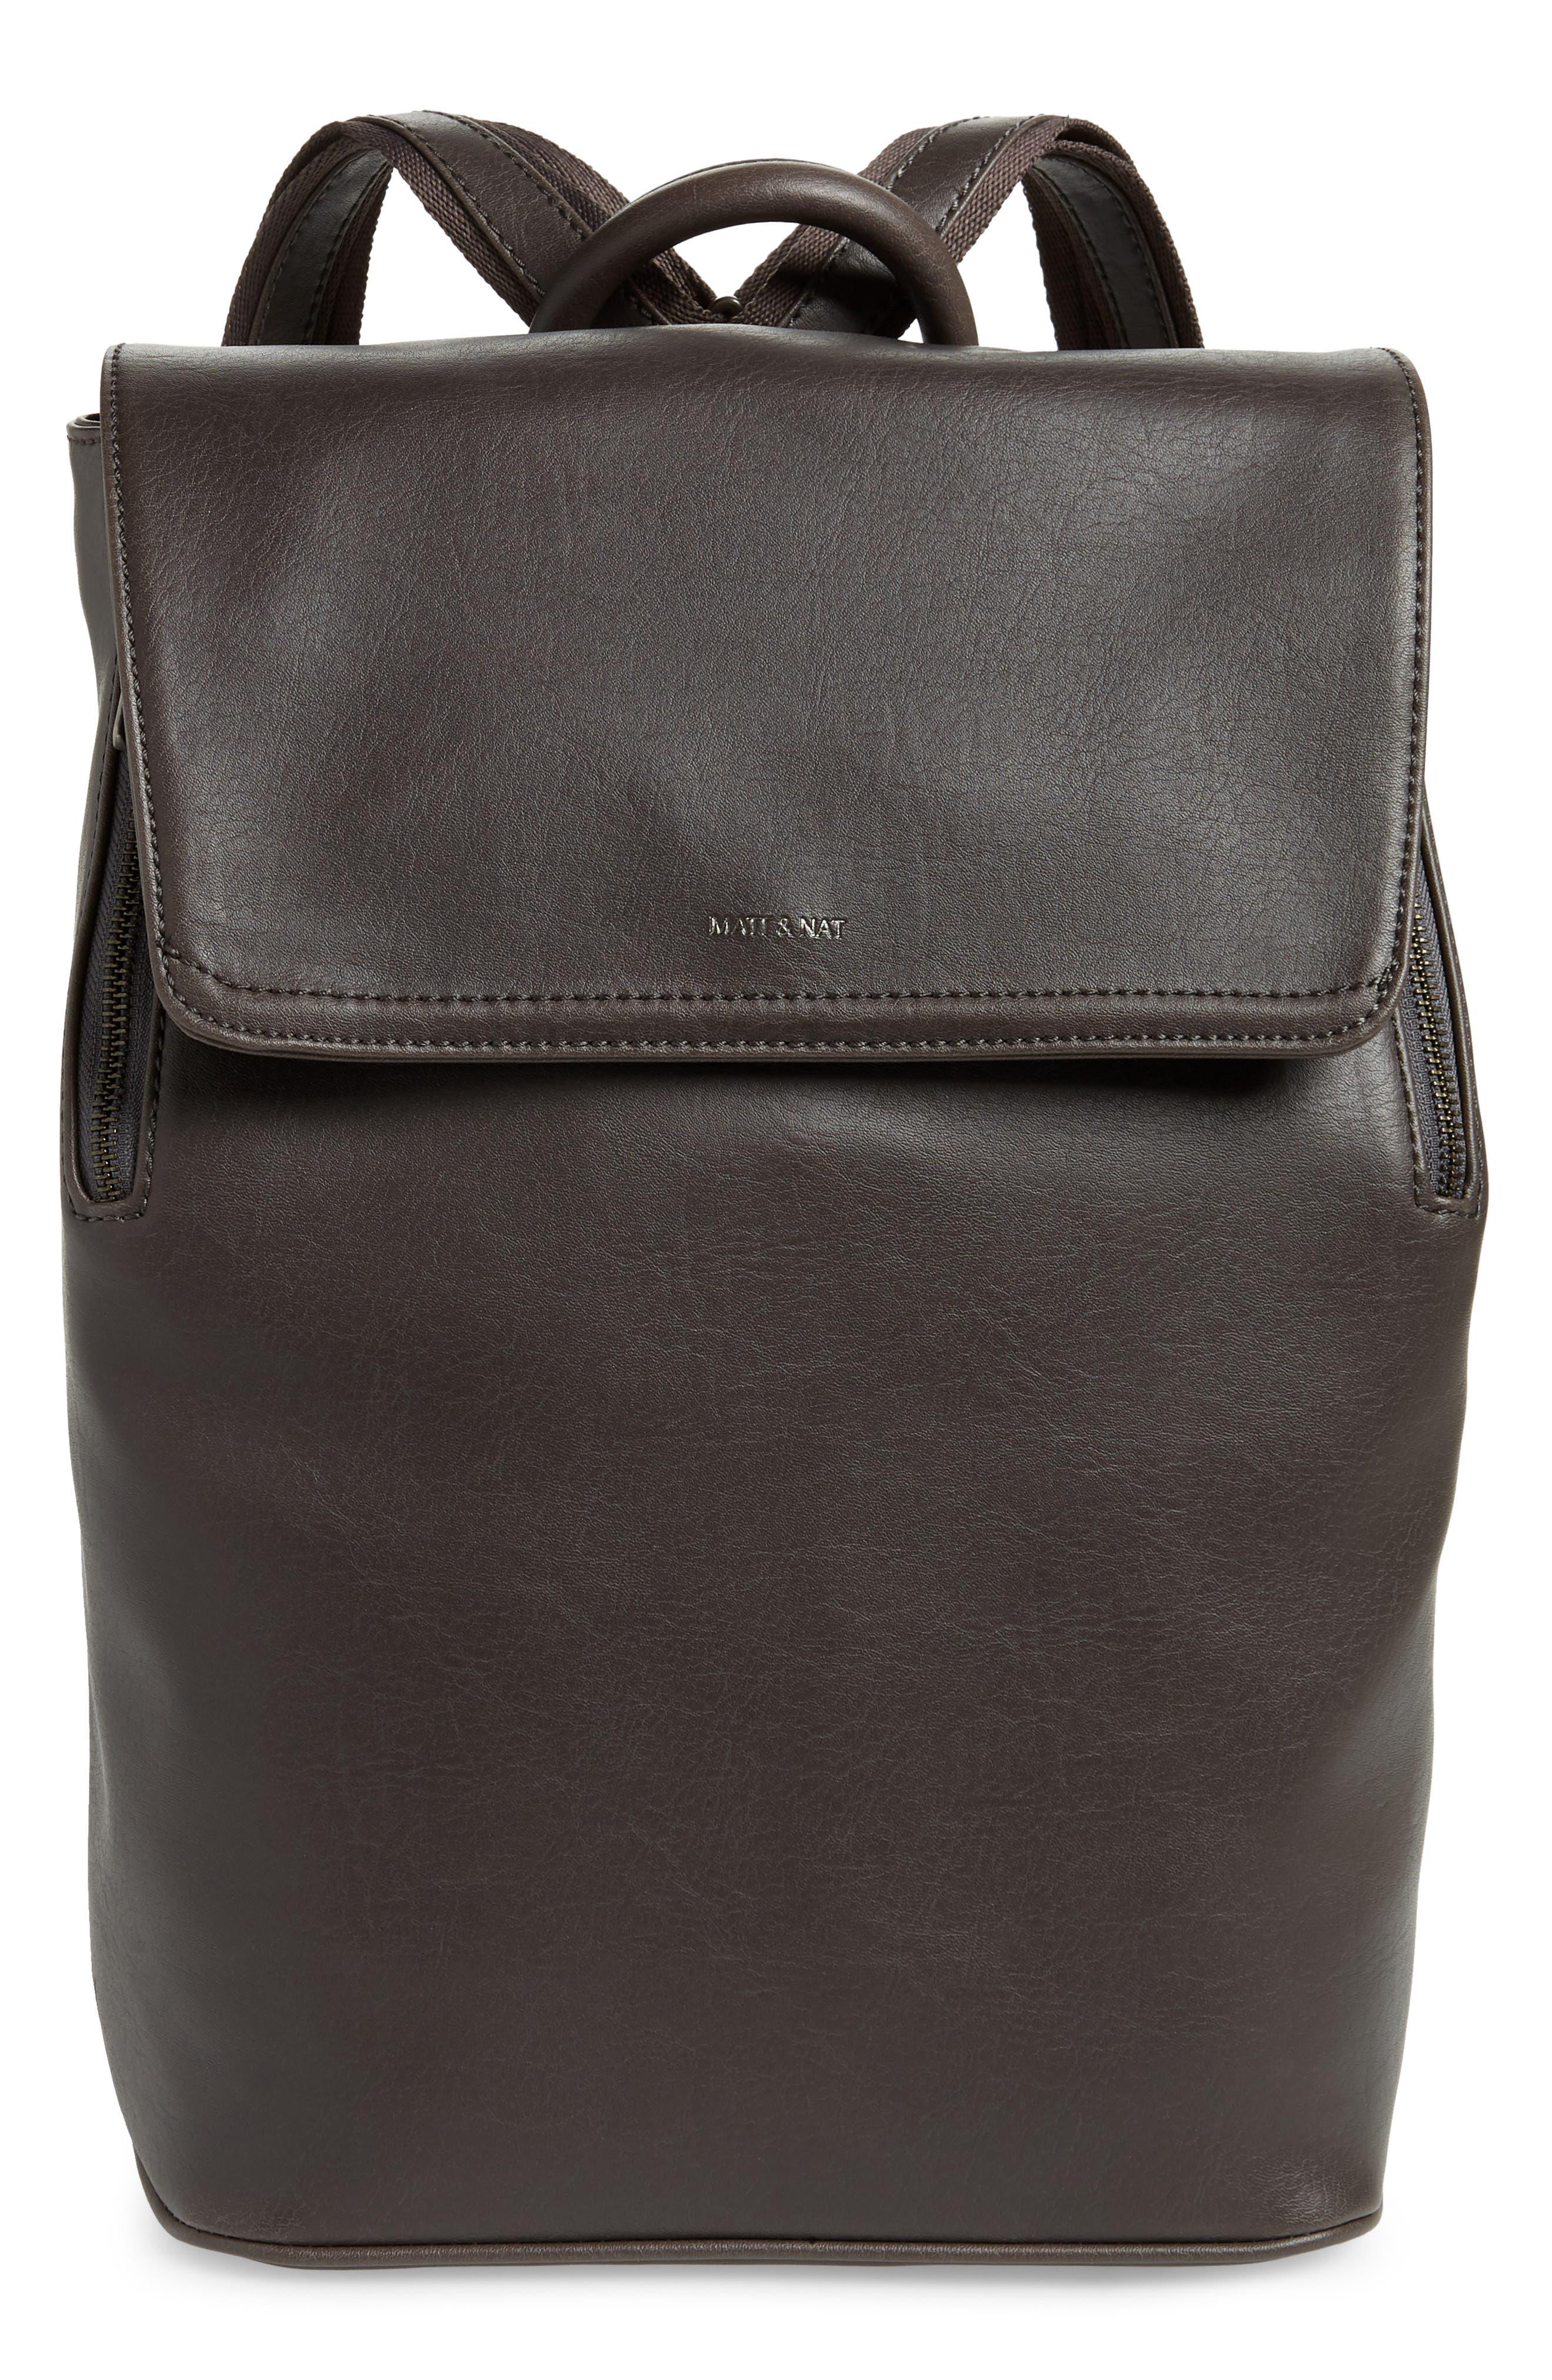 MATT & NAT 'Fabi' Faux Leather Laptop Backpack, Main, color, NO_COLOR